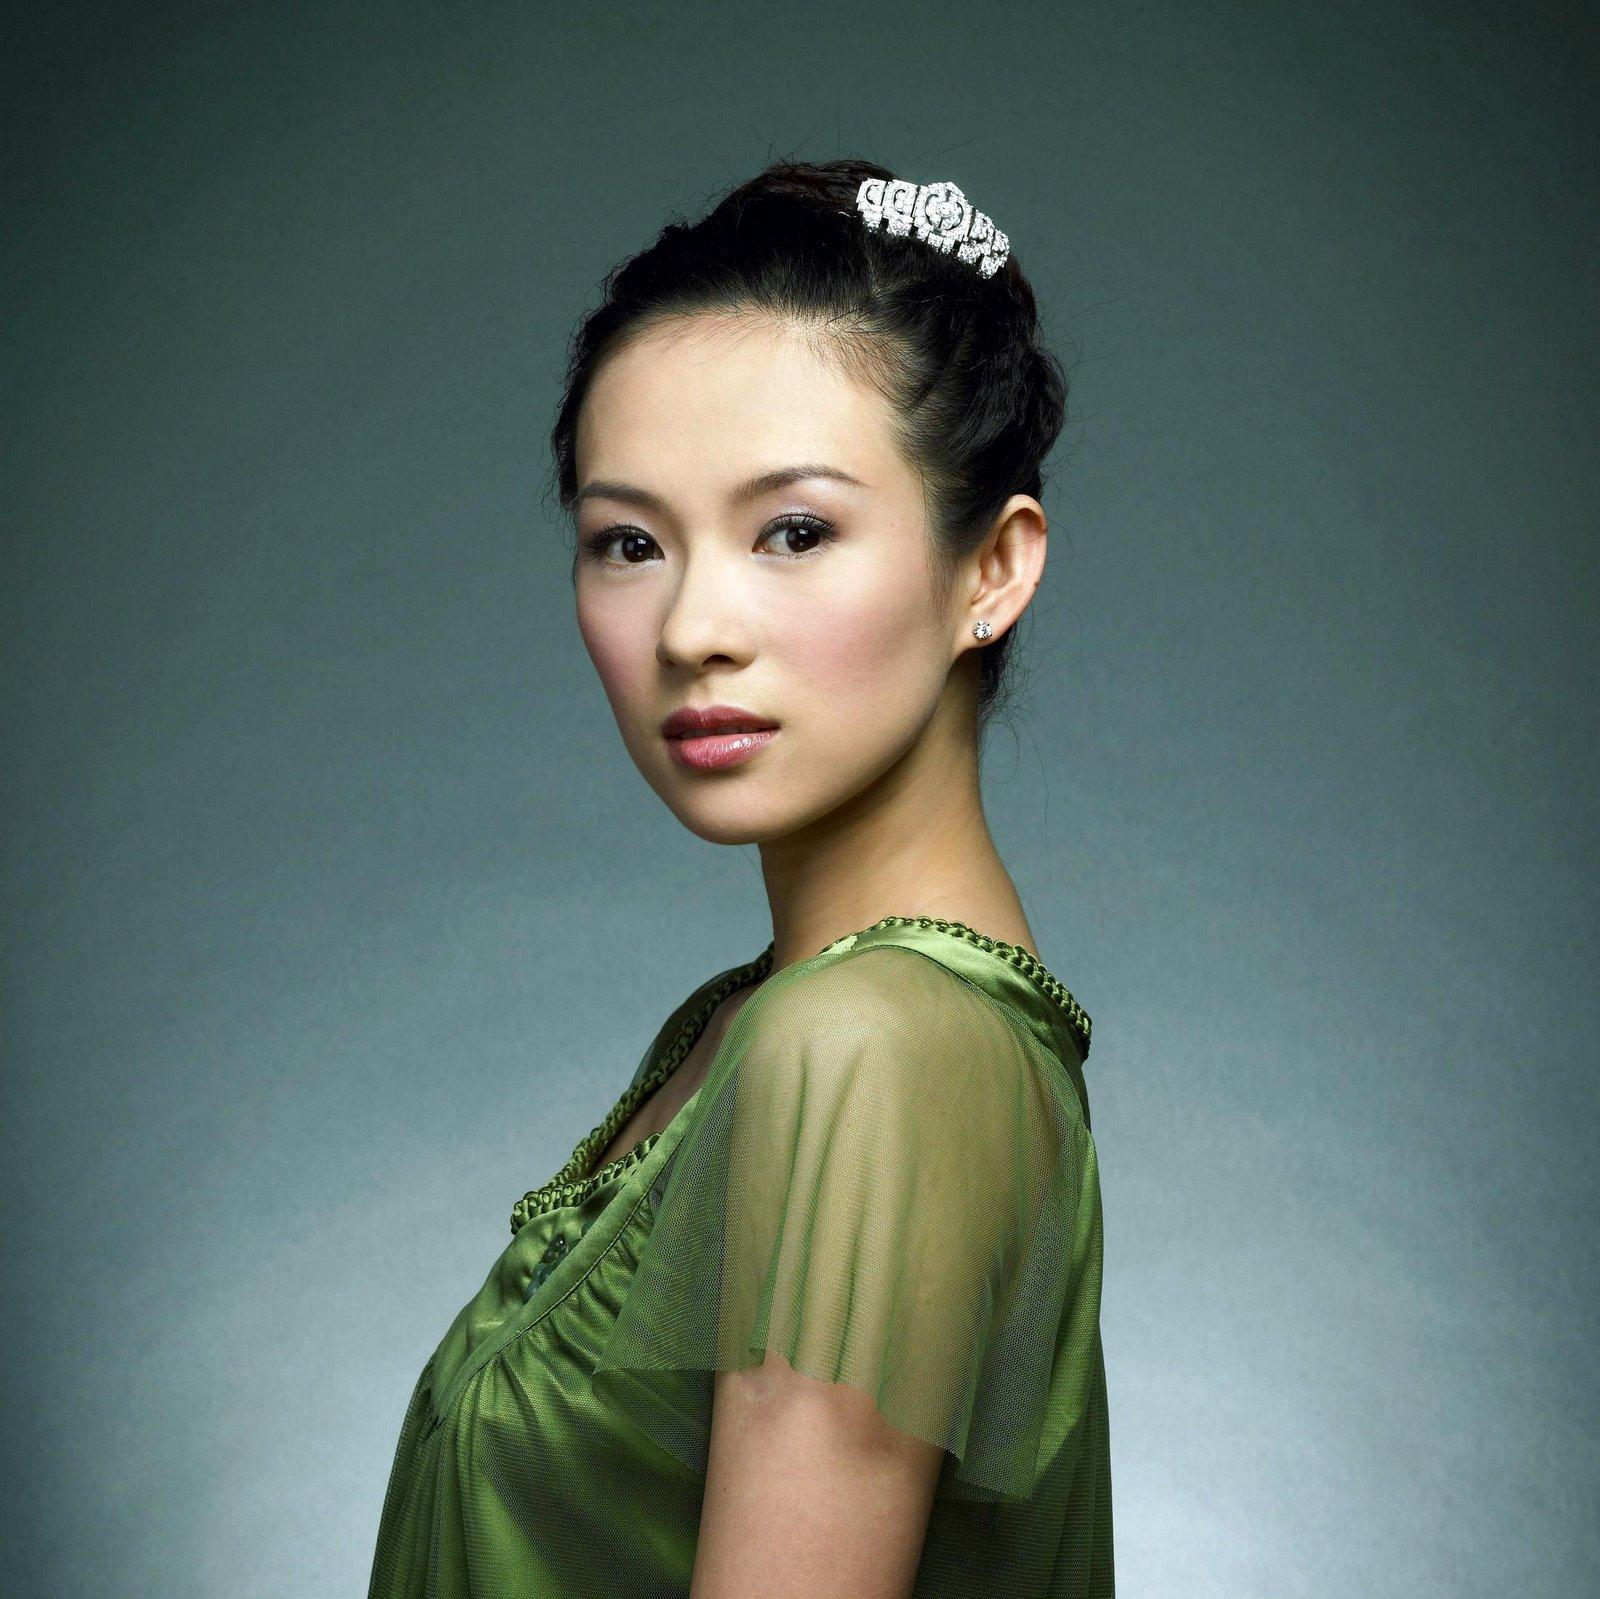 http://2.bp.blogspot.com/-CWVdQlO4VGM/TmSCDdK9xnI/AAAAAAAAAA0/6aVChjYKnX0/s1600/Ziyi-Zhang-Hot-Pics-Corner-+%25288%2529.jpg